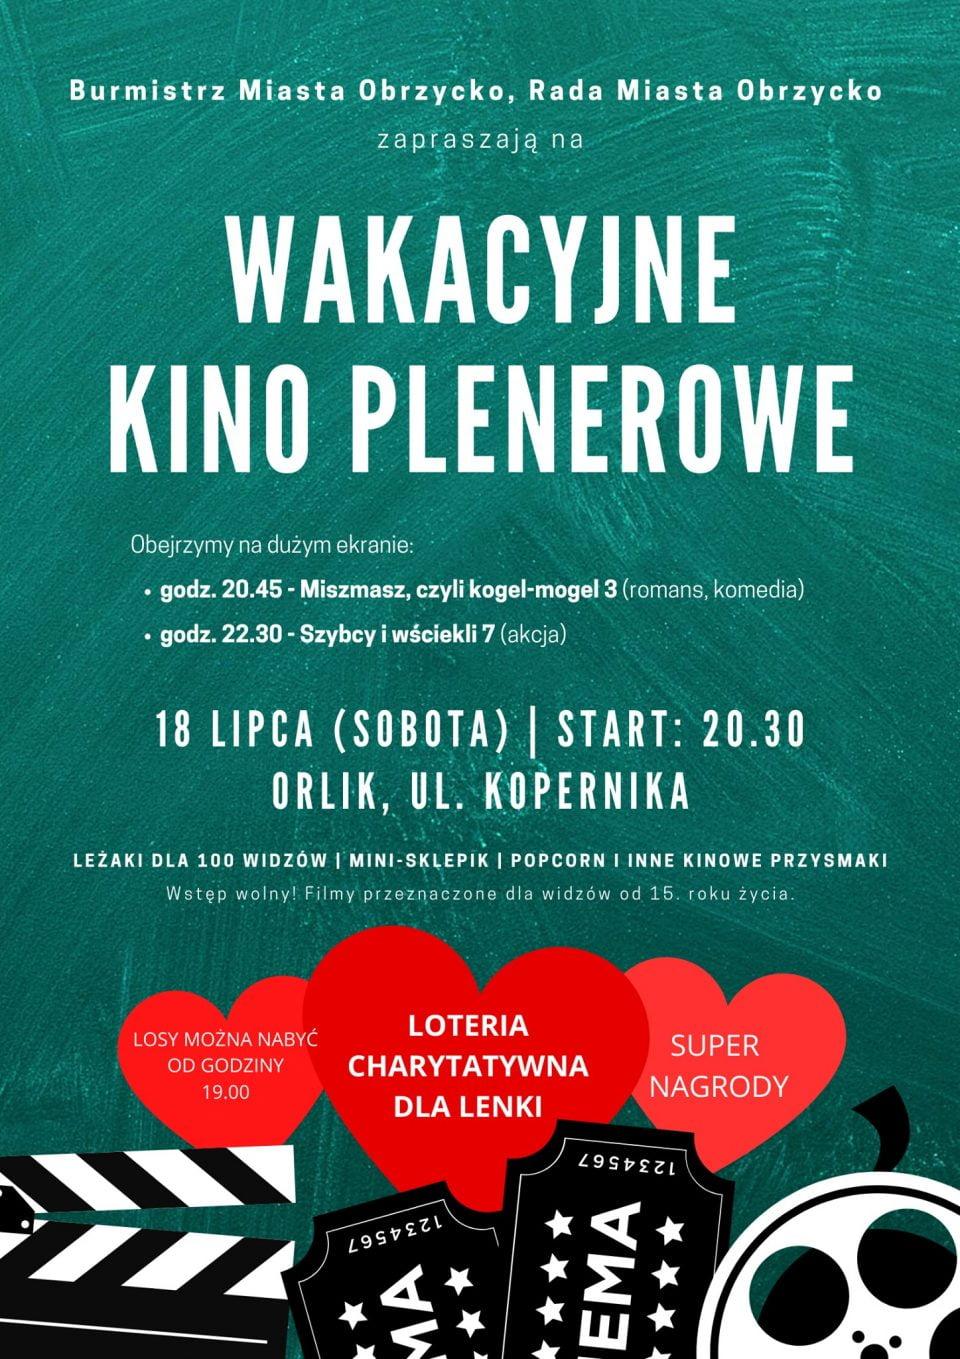 Wakacyjne kino plenerowe w Obrzycku (18.07)